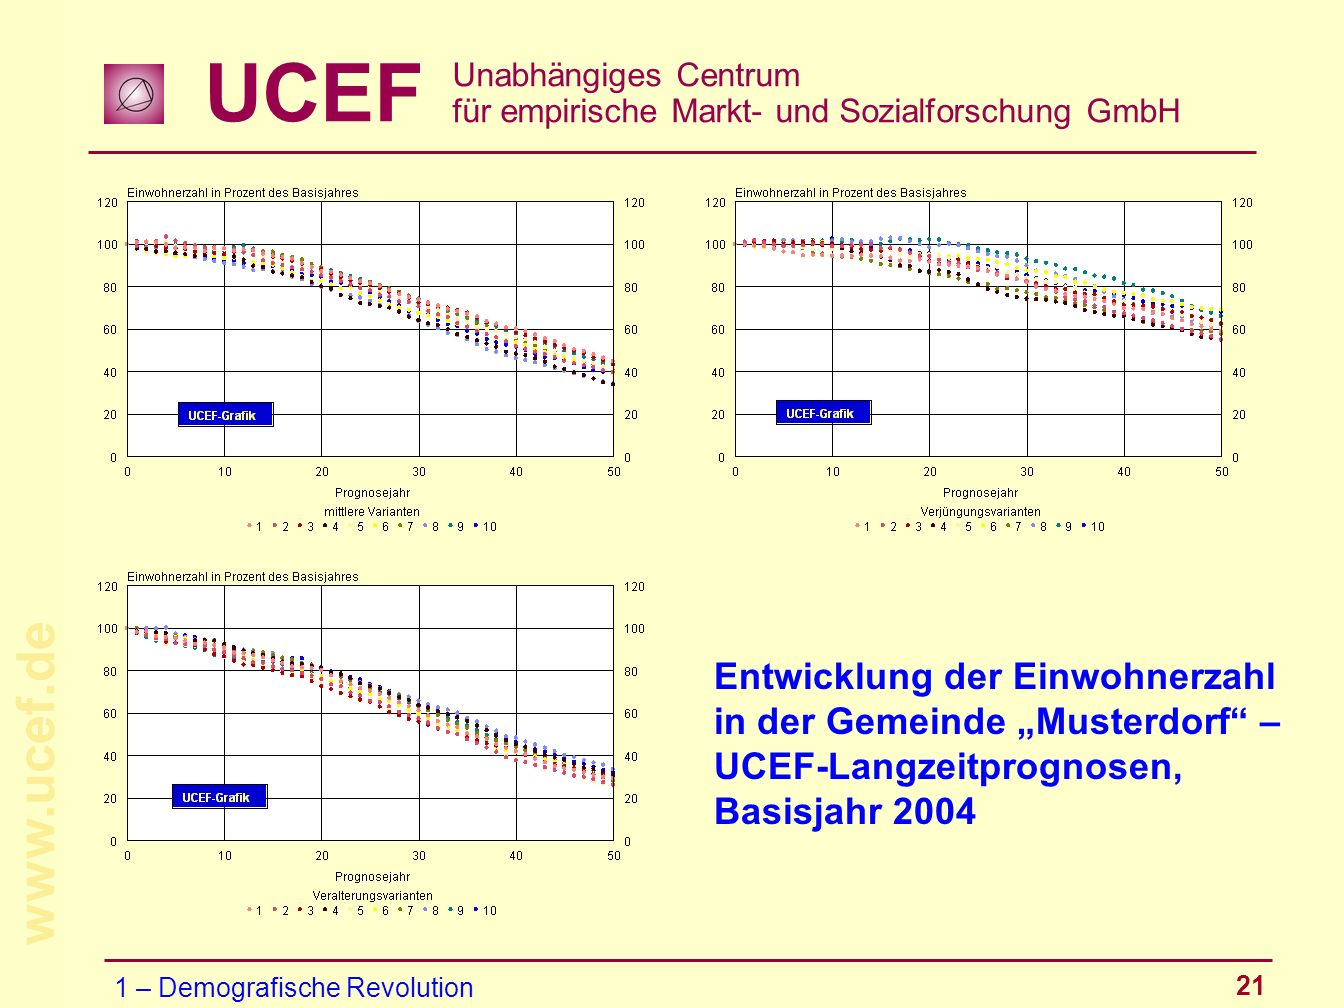 UCEF Unabhängiges Centrum für empirische Markt- und Sozialforschung GmbH www.ucef.de 21 Entwicklung der Einwohnerzahl in der Gemeinde Musterdorf – UCE